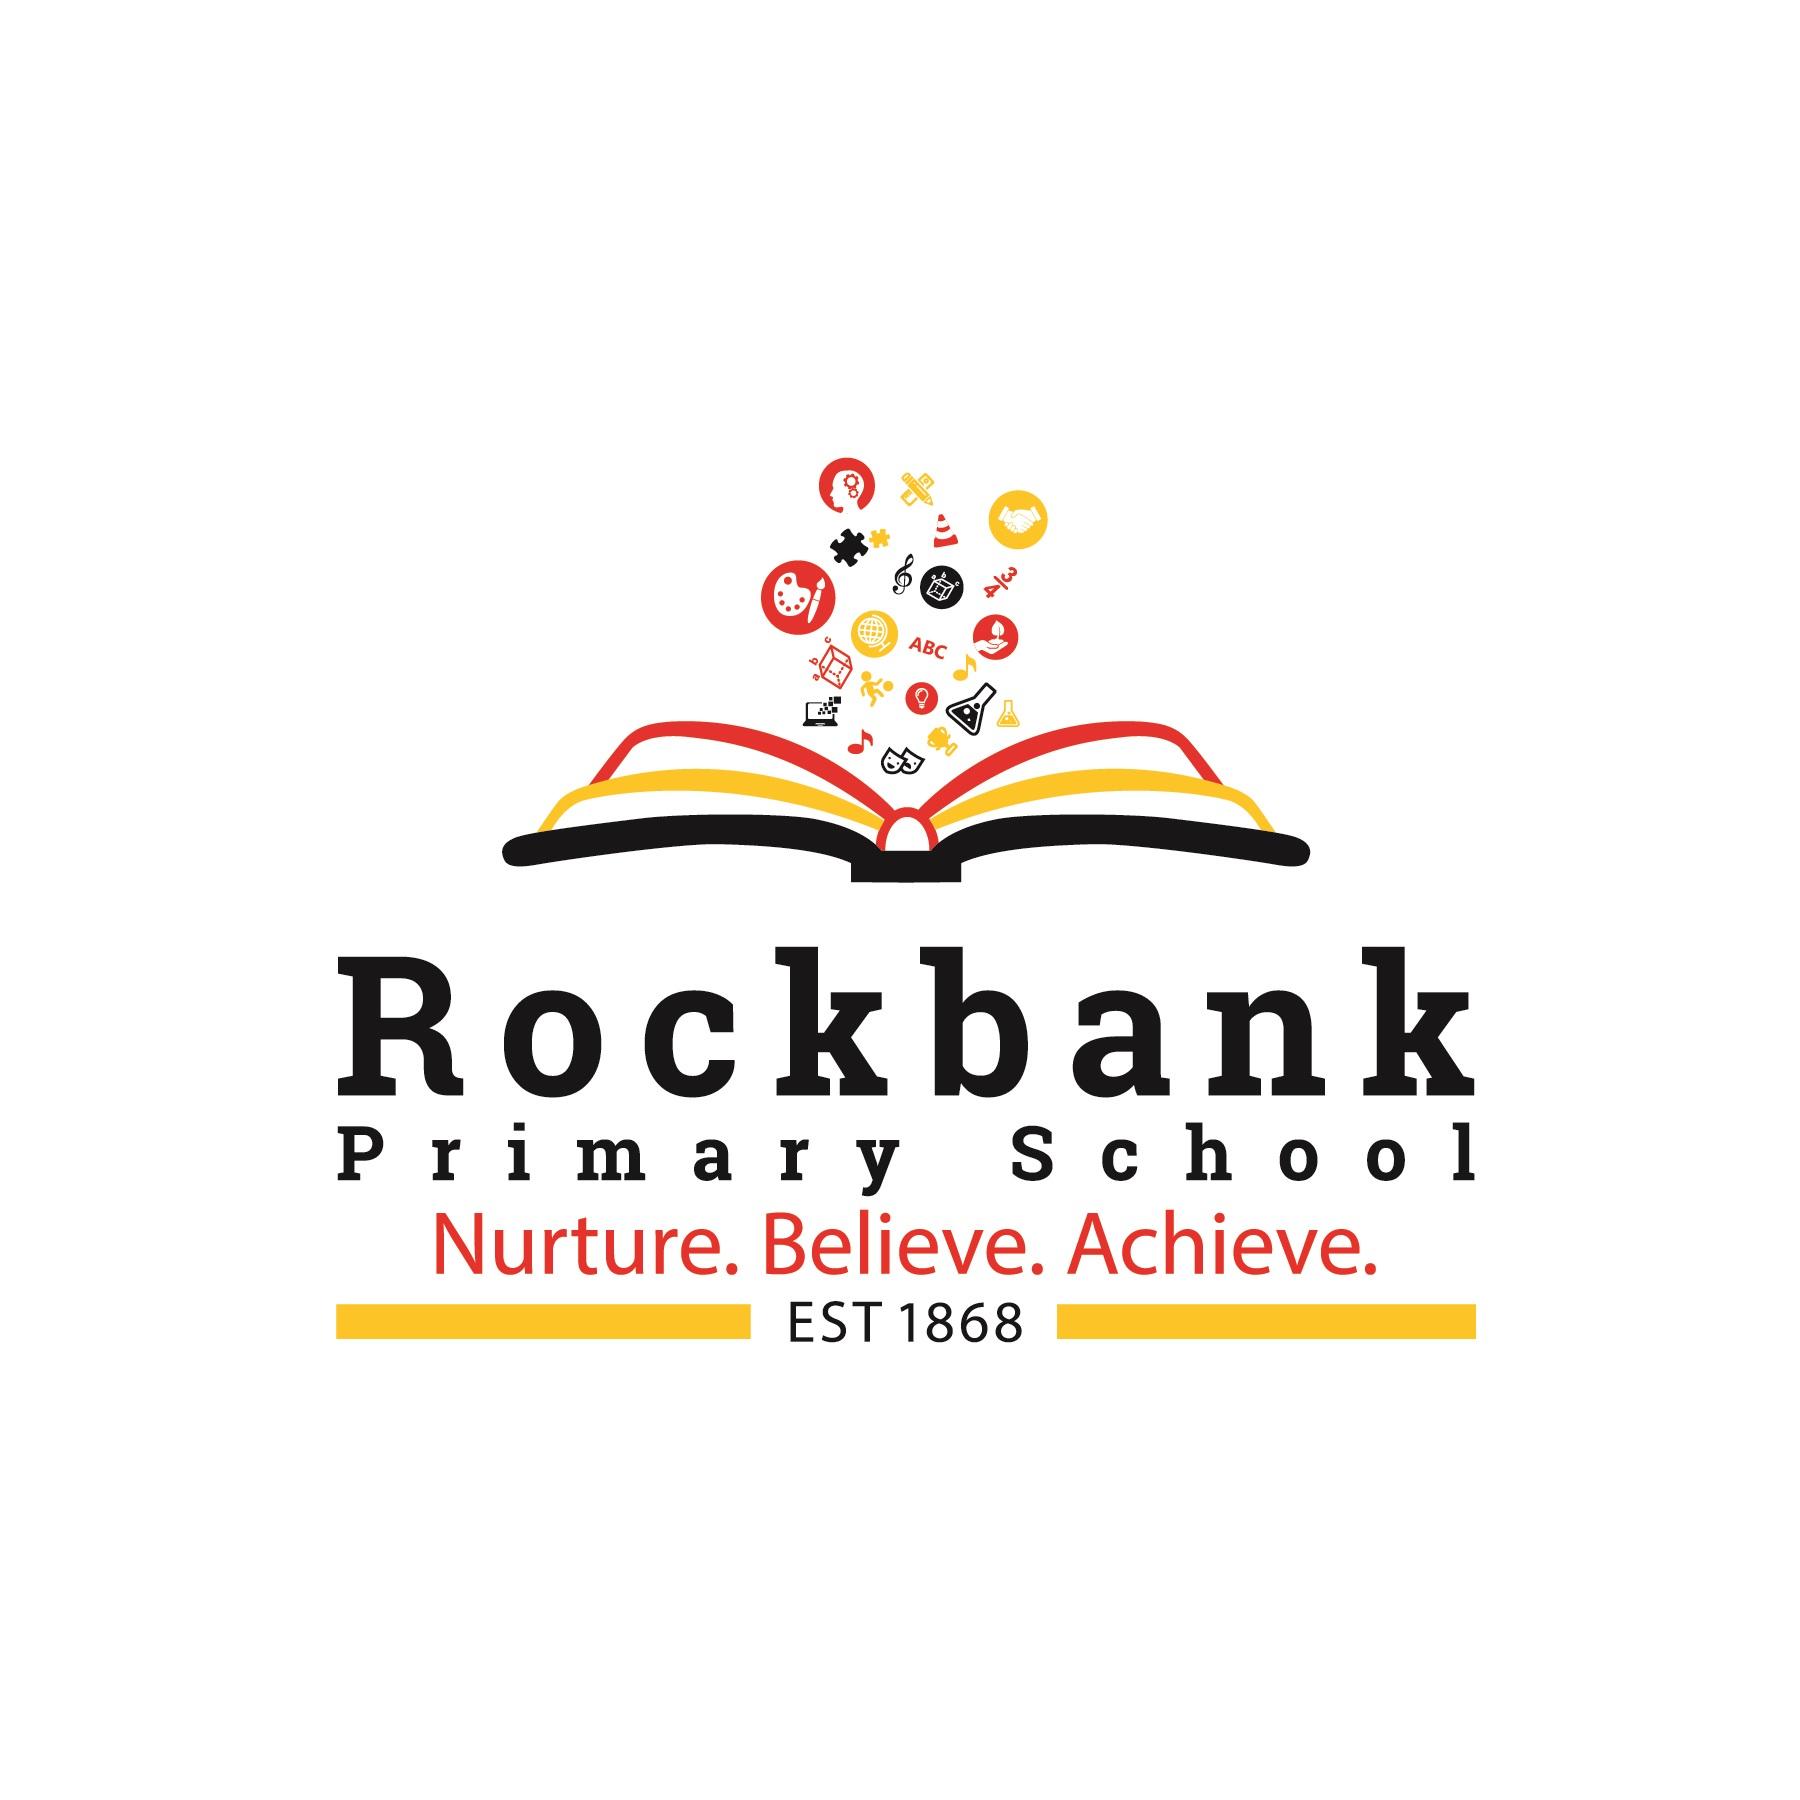 Rockbank Est 1868